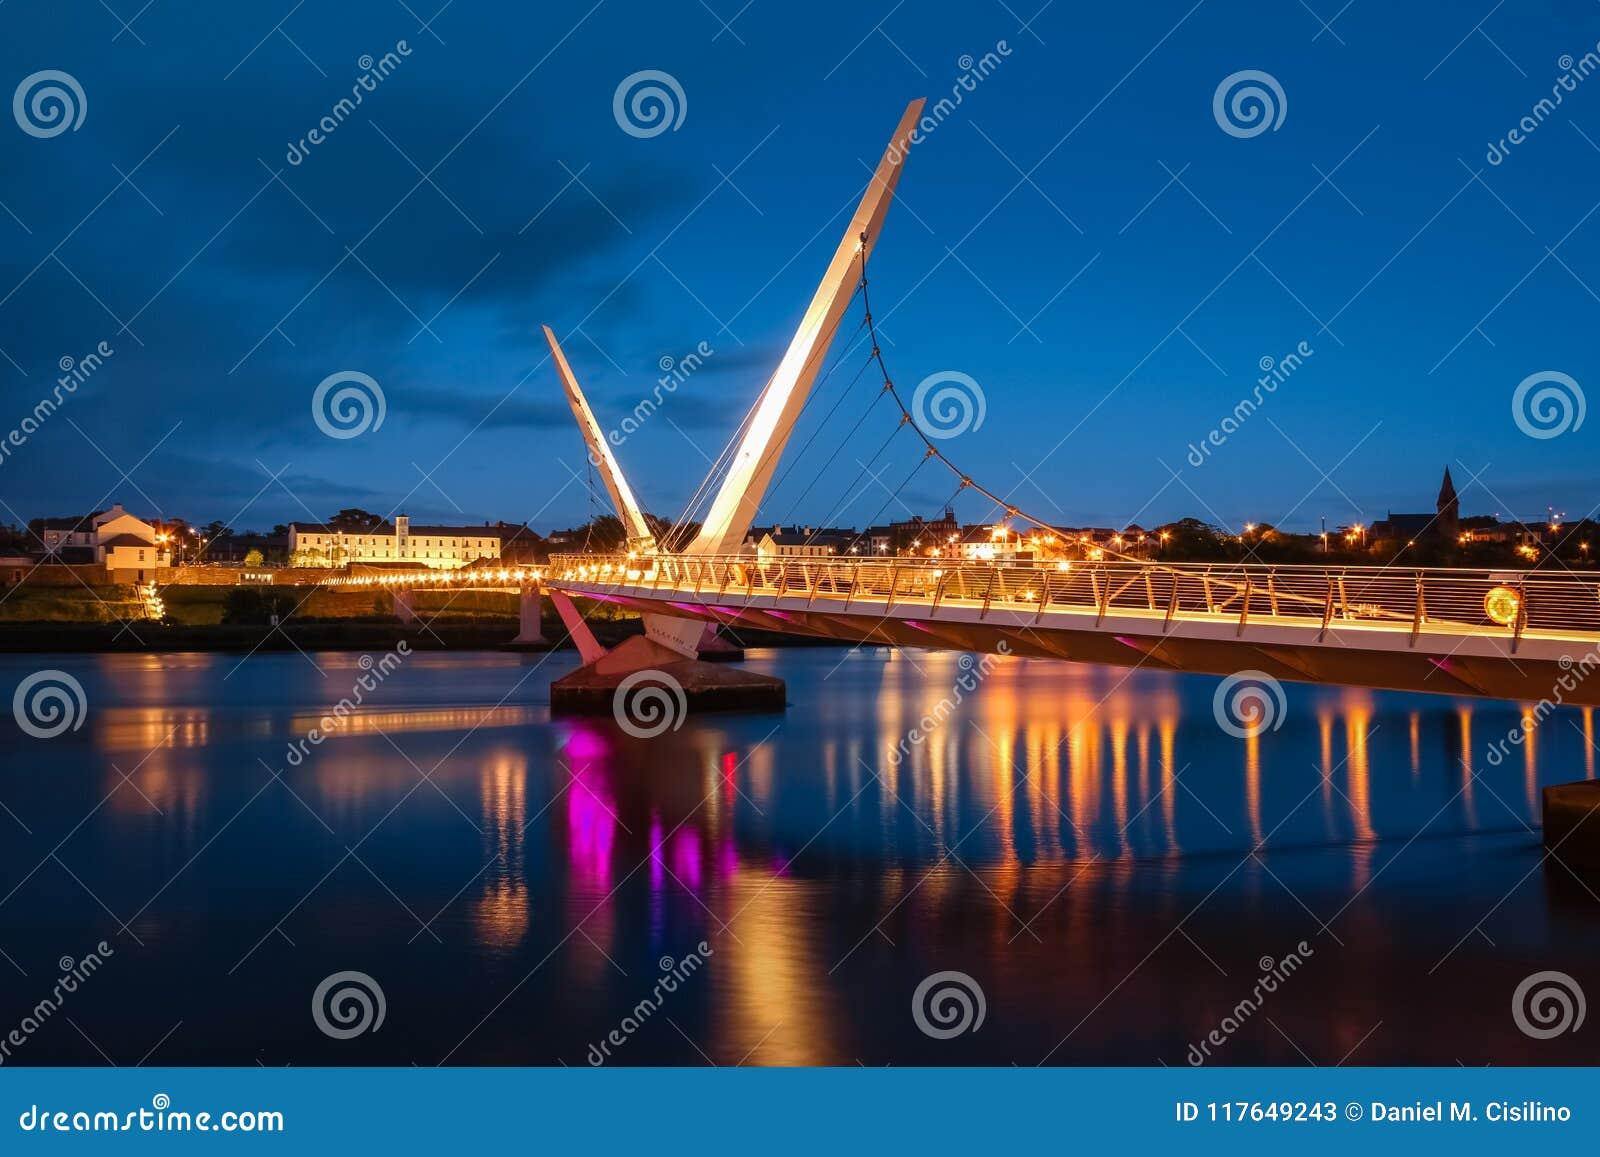 El puente de la paz Derry Londonderry Irlanda del Norte Reino Unido